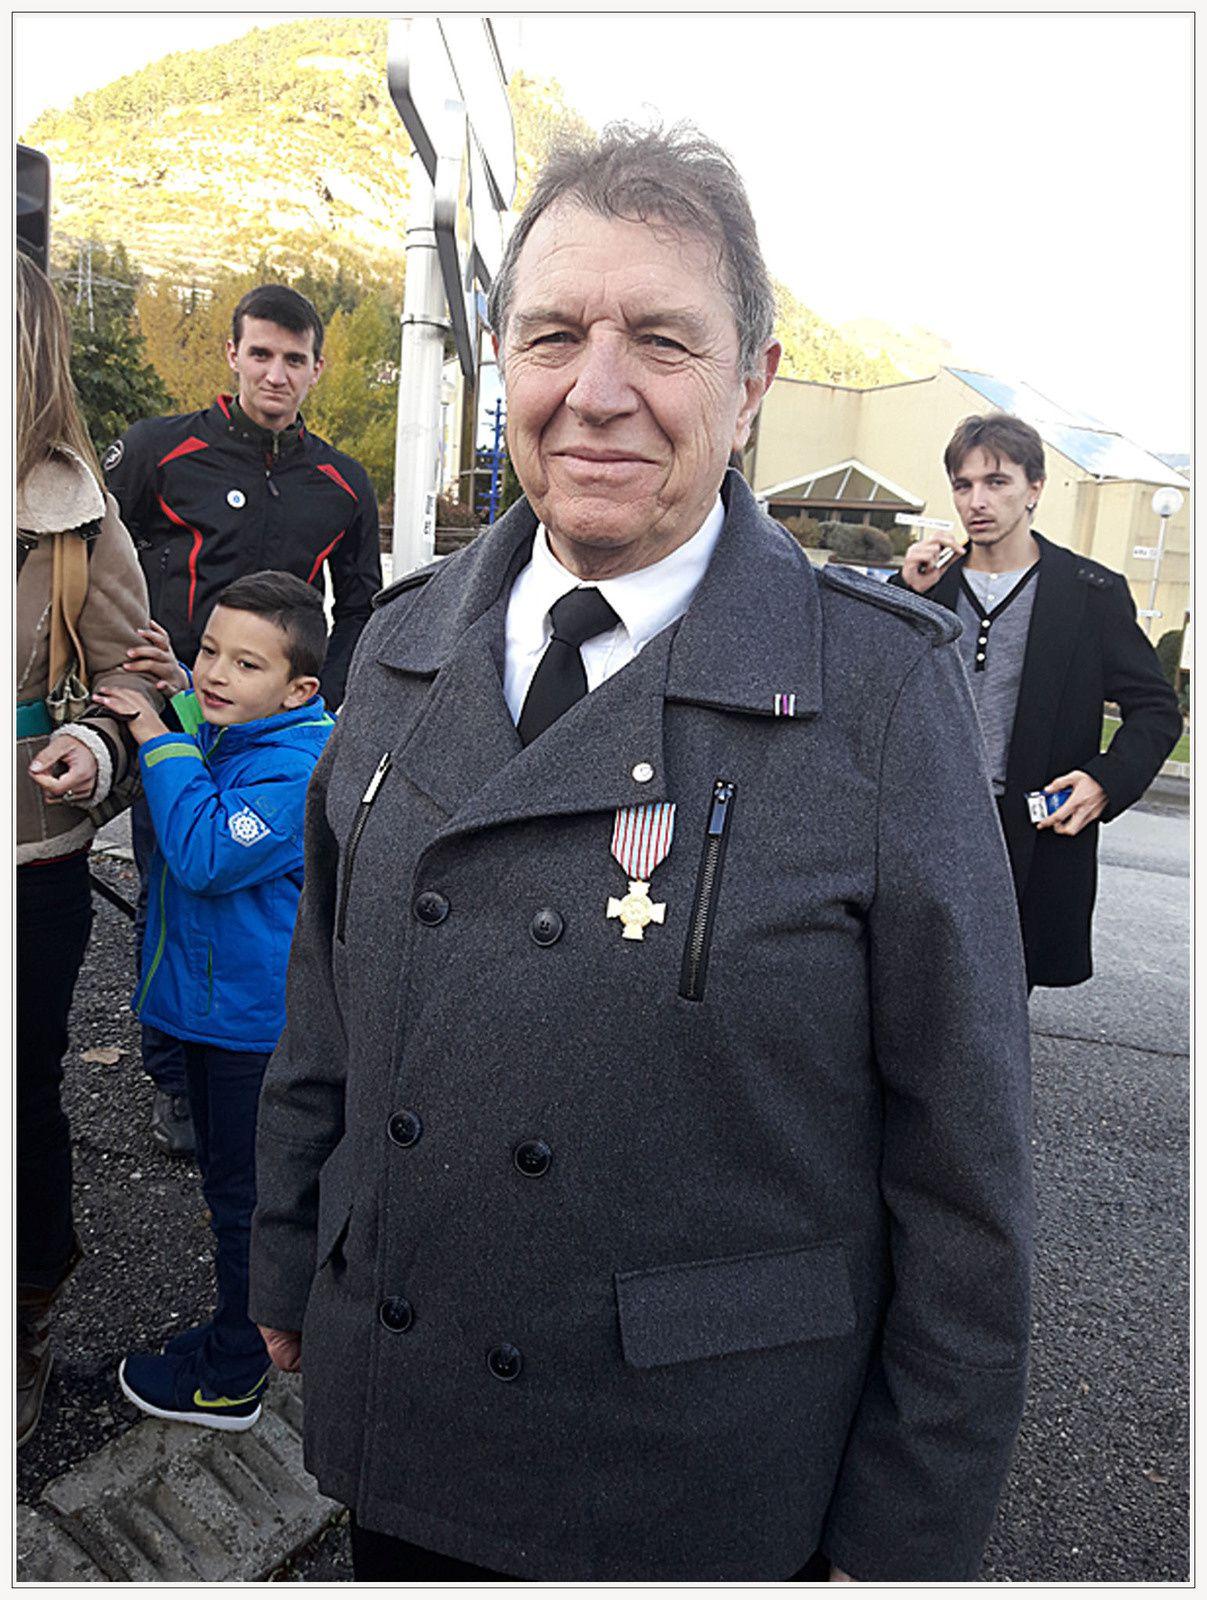 """Richard De Clementi a été décoré de la croix du combattant au titre des OPEX ( Opérations Extérieures Liban 1984 et Golfe d'Ormuz 1988 ) par Mme Carmaran Directrice départementale de l'ONAC-VG (Office National des Anciens Combattants), lors de la cérémonie du 11 Novembre à Digne """""""